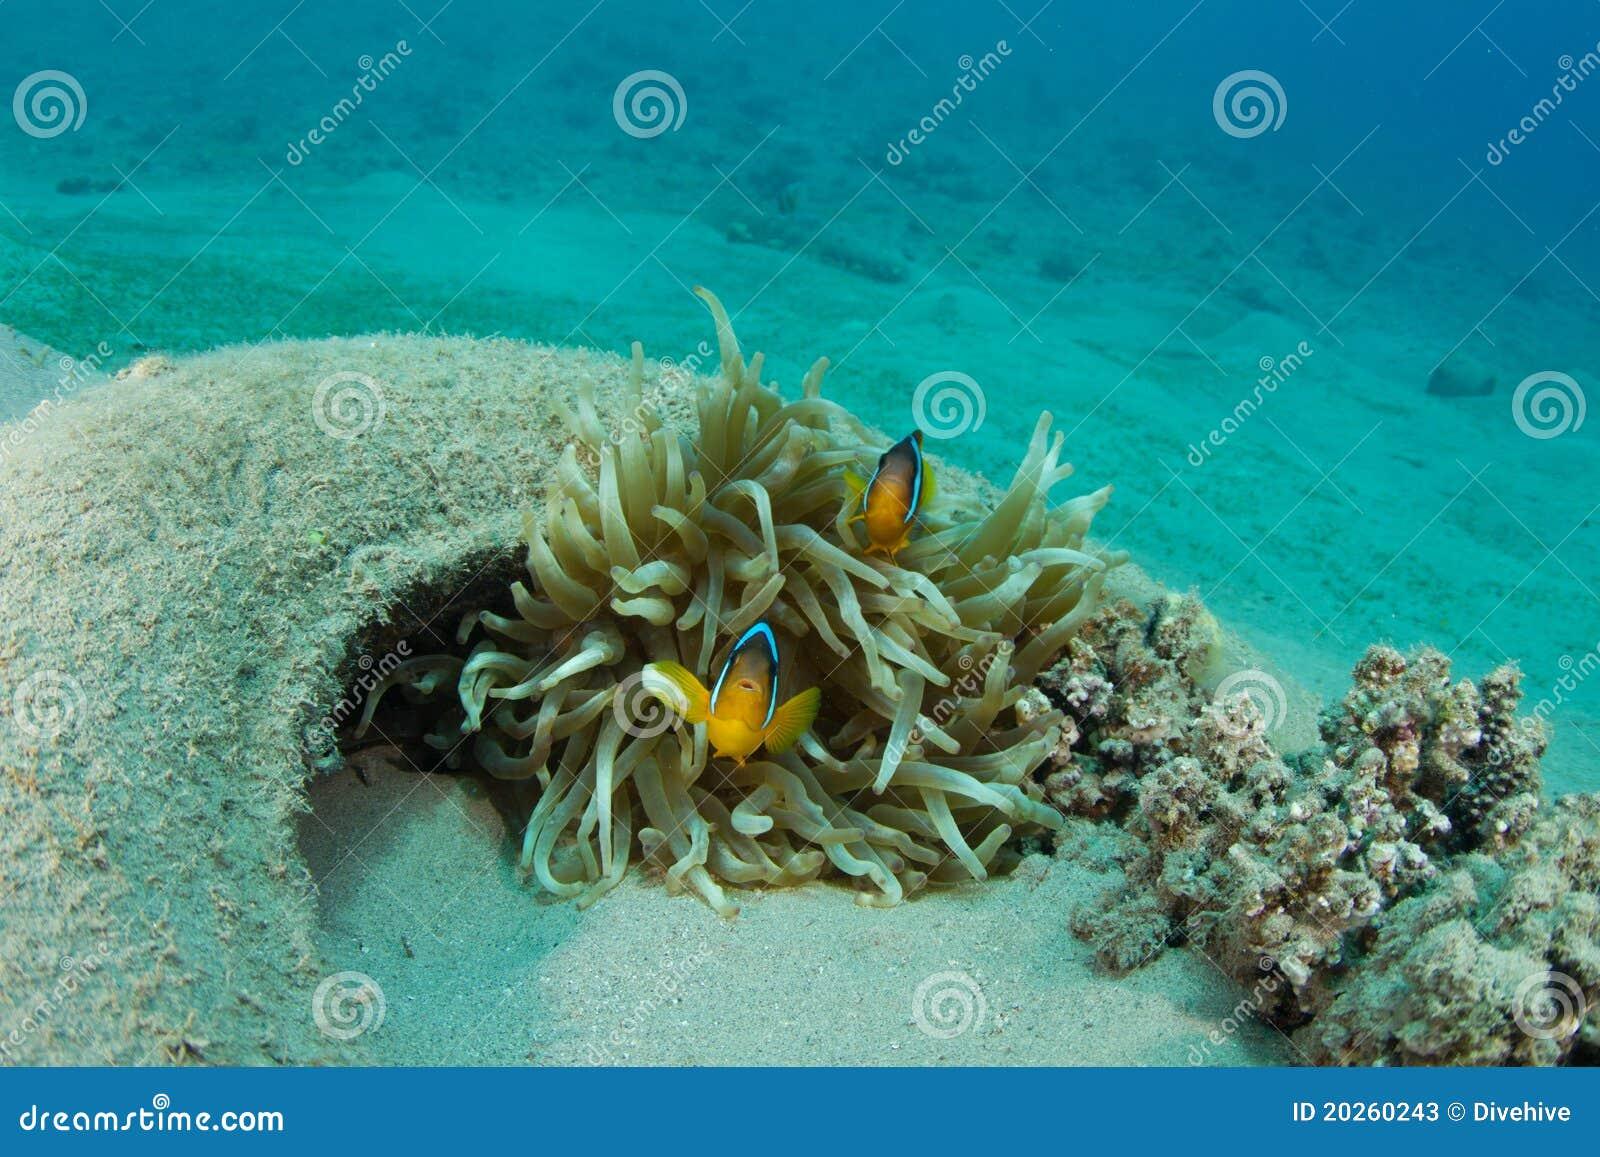 Clownfish in dumped car tyre